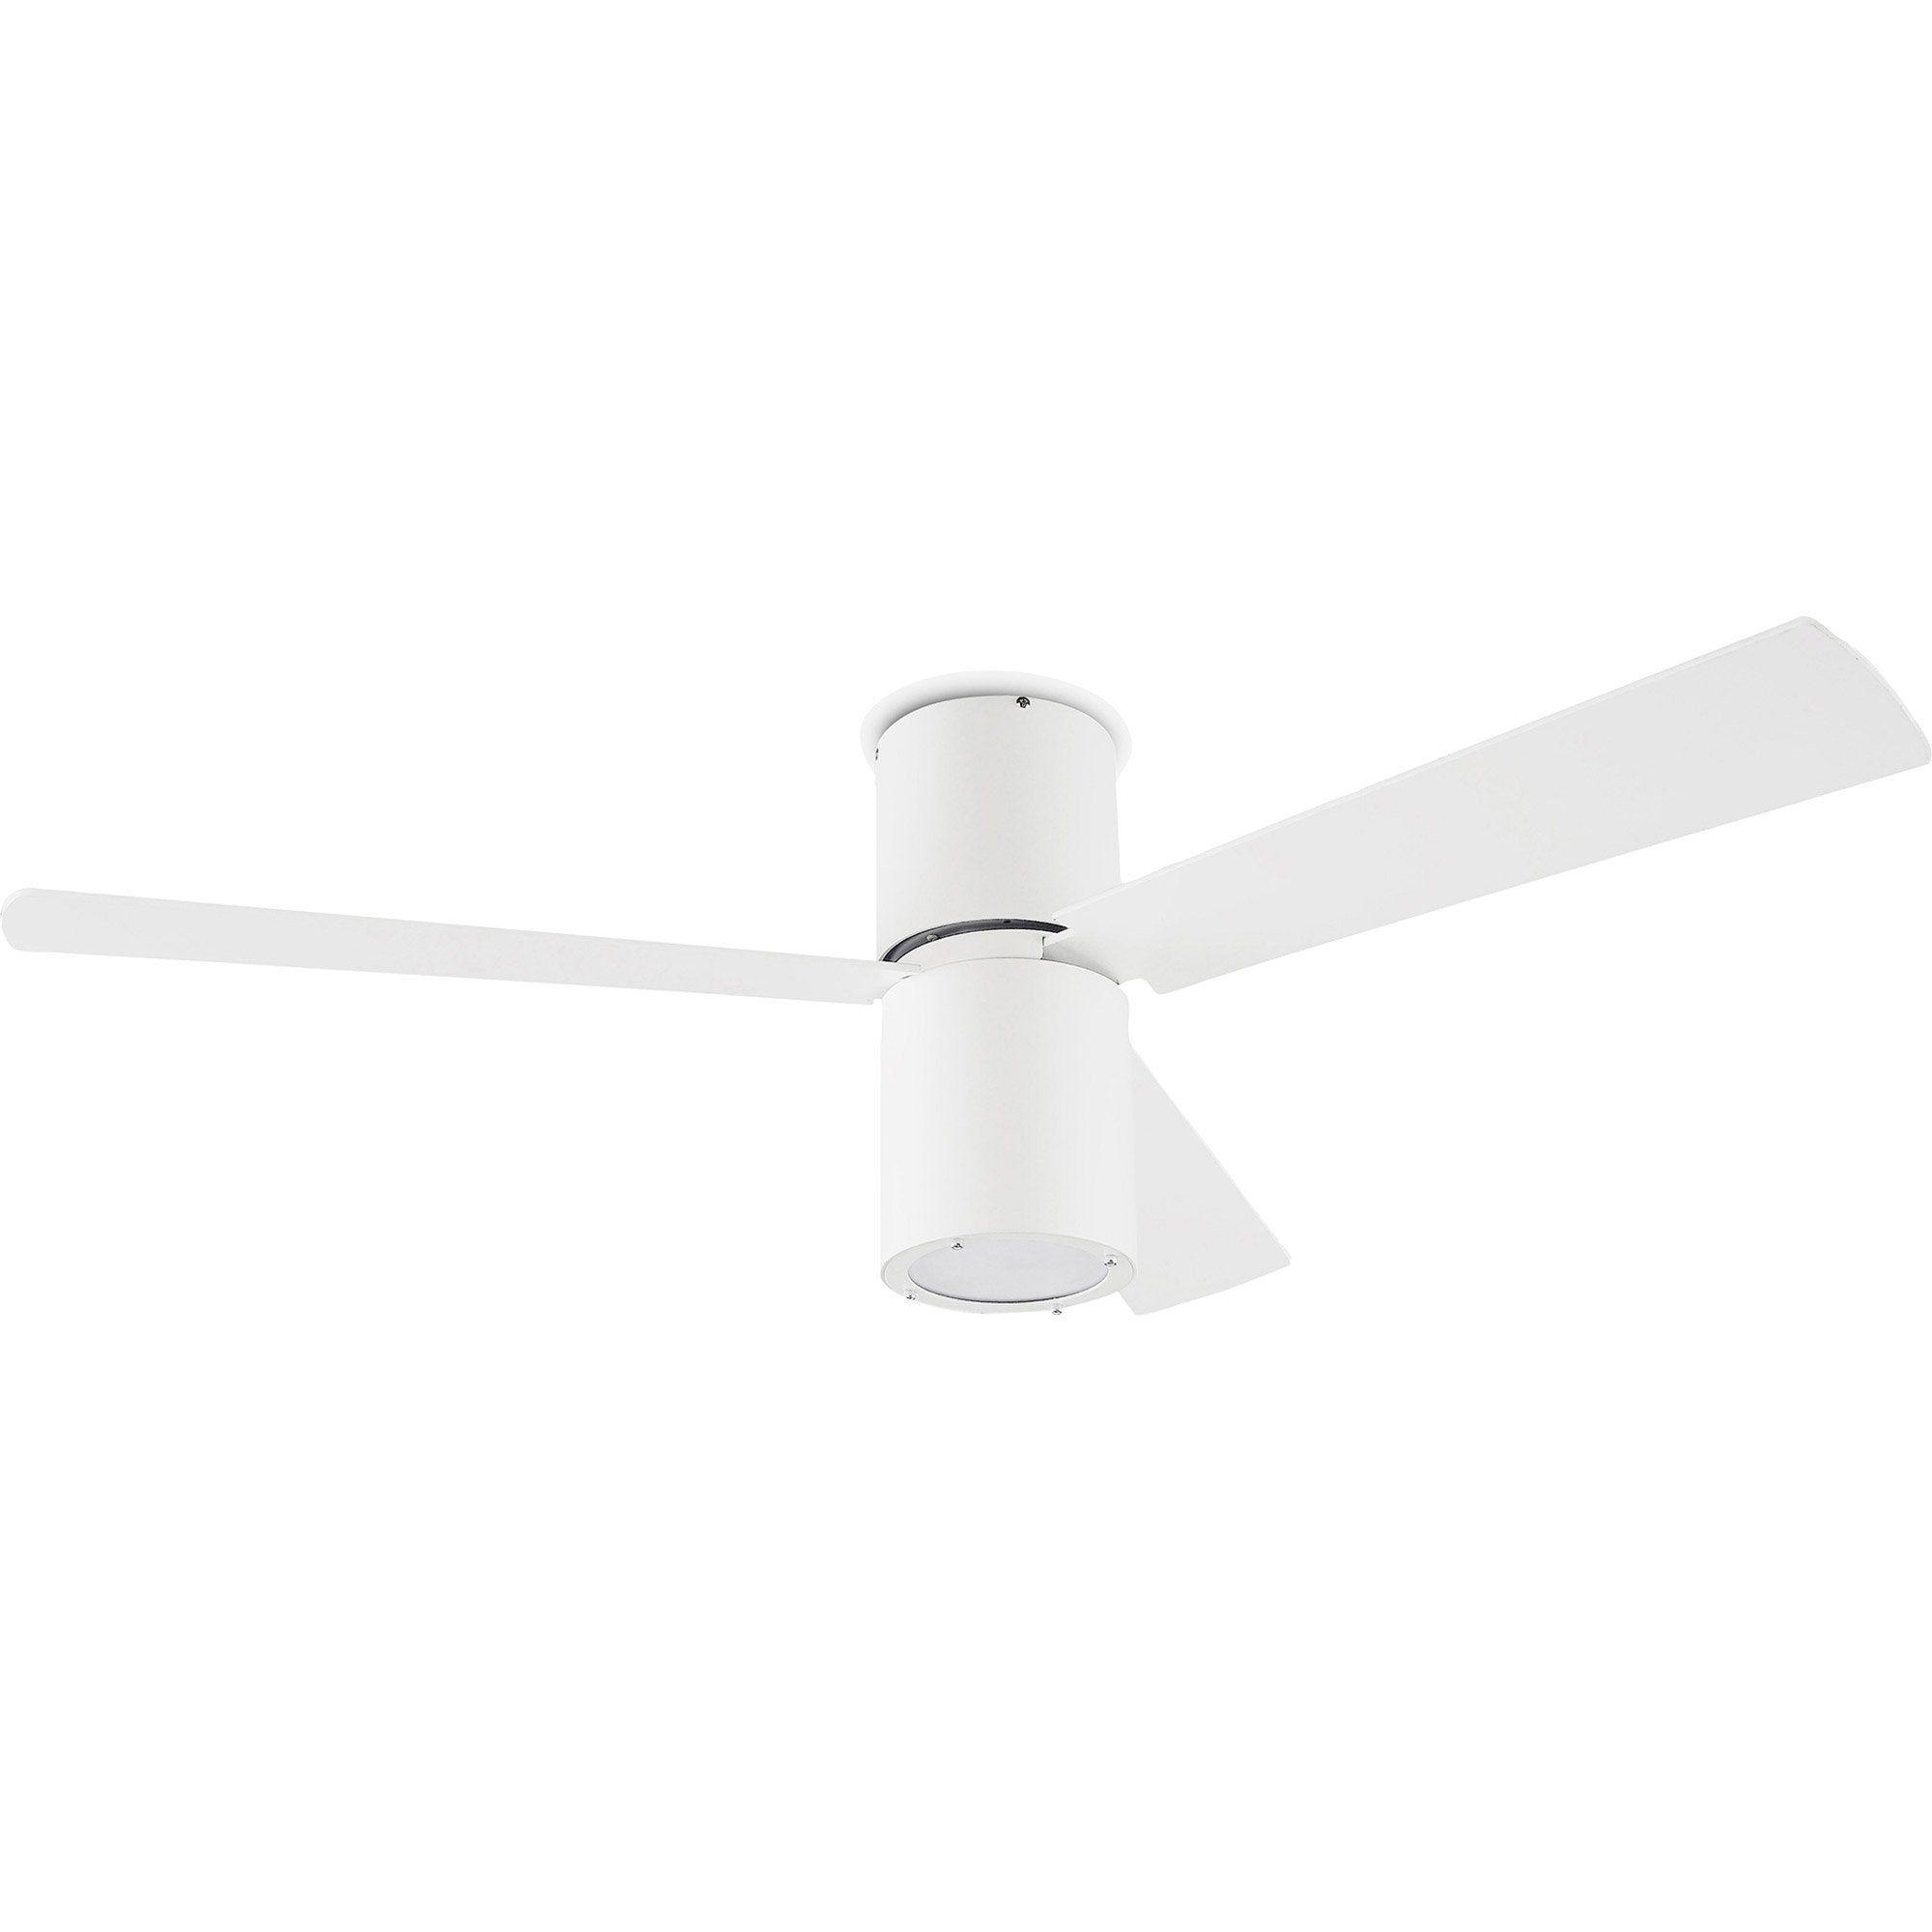 Ventilateur Formentera Leds C4 Gris Argent Blanc 1x E27 Max 23 W Ventilateur Gris Et Blanc